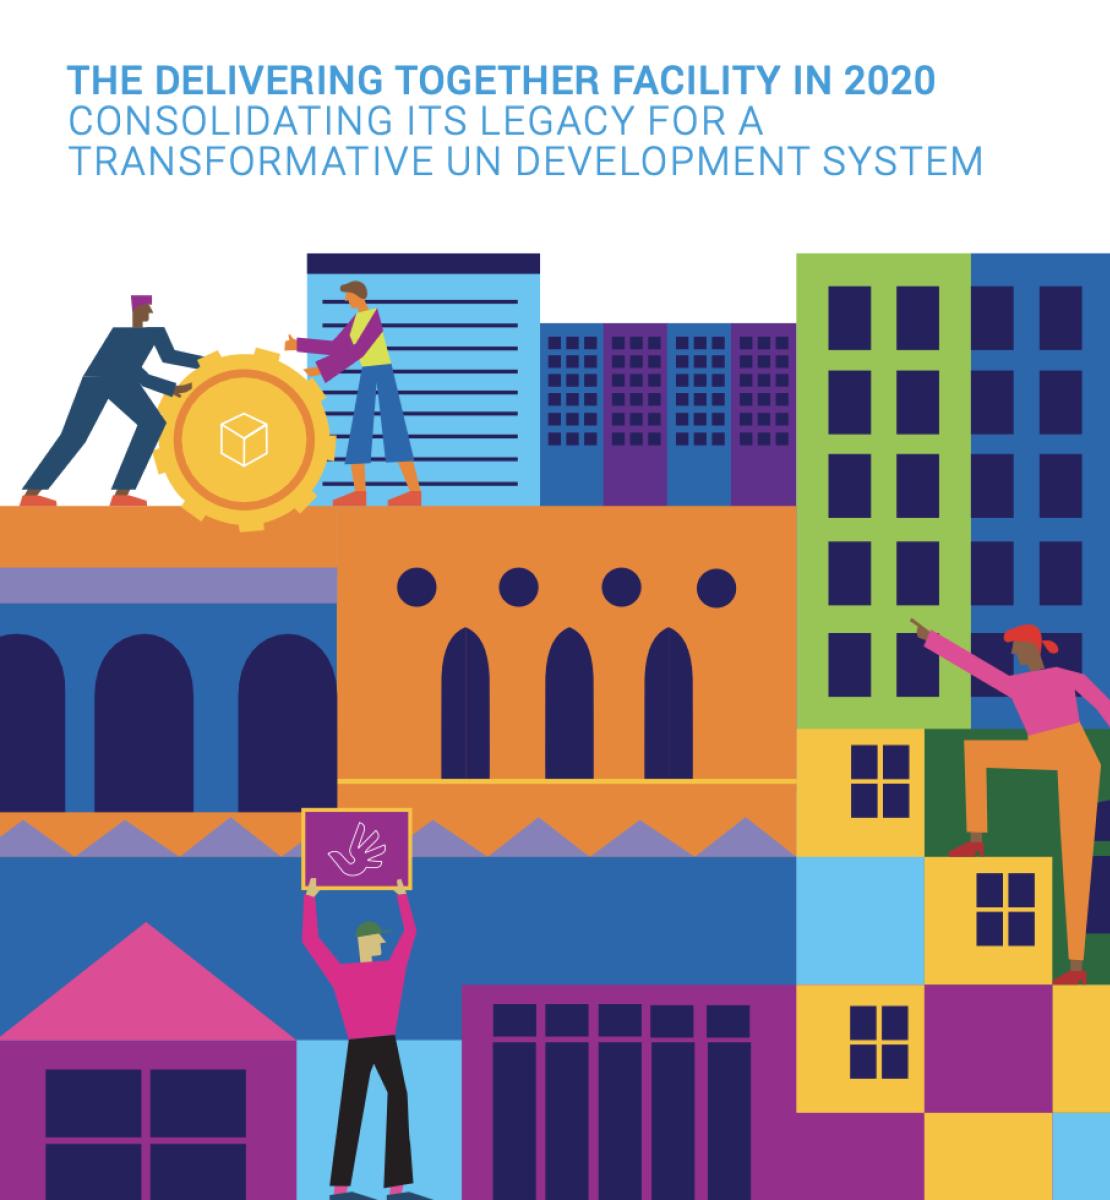 غلاف كرتوني لأشخاص يعملون جنبًا إلى جنب مع شعار مجموعة الأمم المتحدة للتنمية المستدامة في الزاوية اليمنى العليا وعنوان المستند في الزاوية اليسرى العليا.